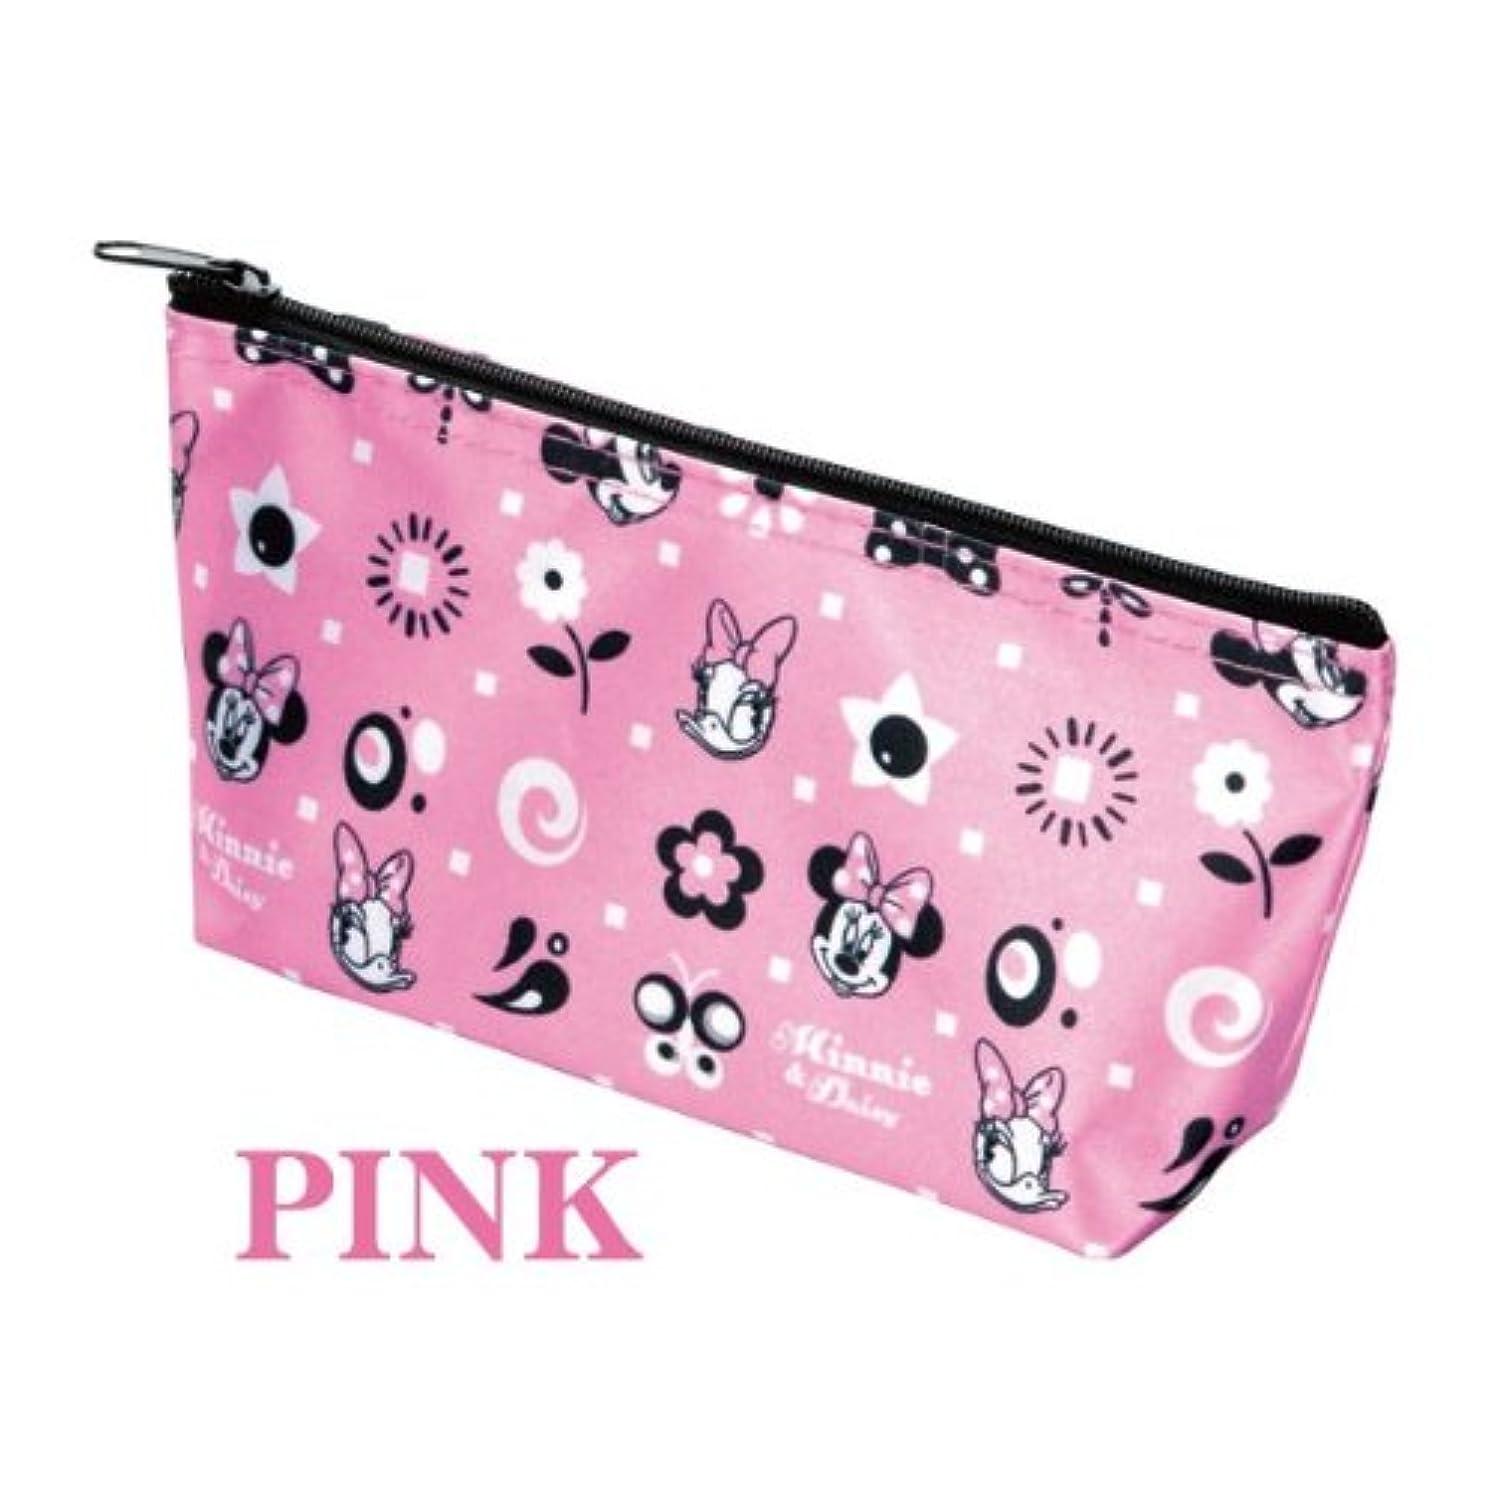 船酔い用語集受動的Disney(ディズニー) スイートキャラクターポーチ(ピンク?ブラック) (ピンク)